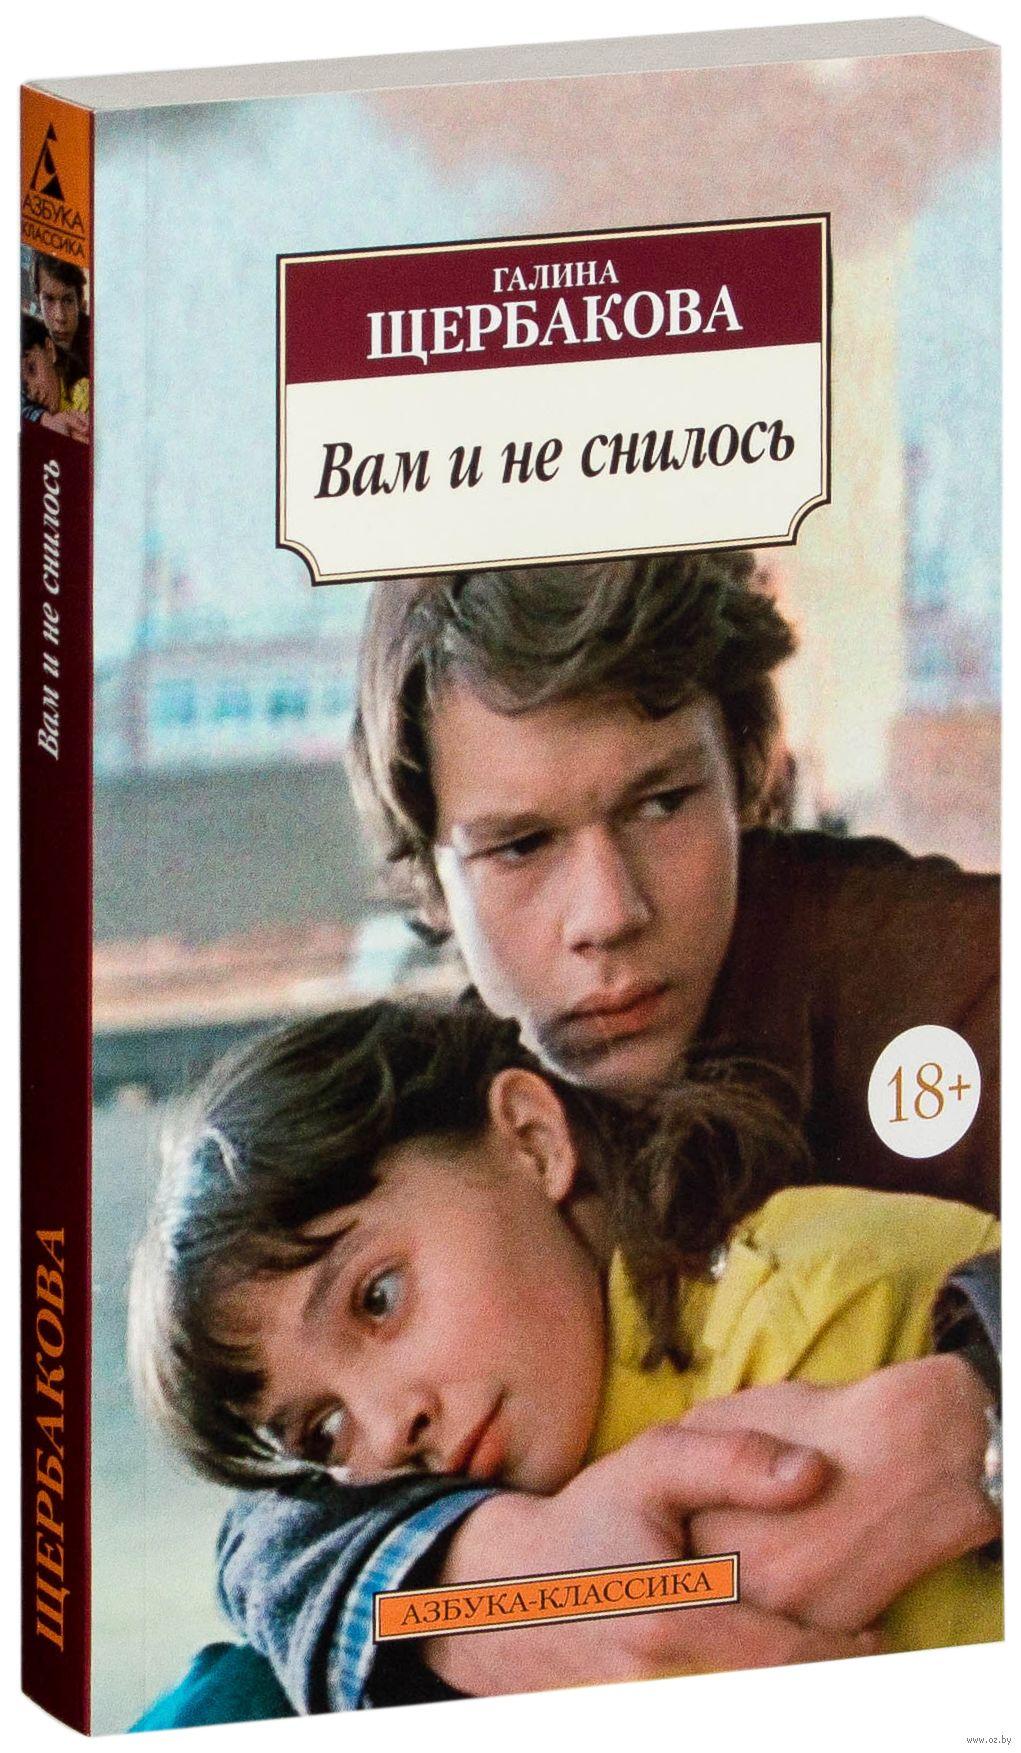 Вам и не снилось — вам и не снилось жанр мелодрама режиссёр илья фрэз в главных ролях татьяна аксюта никита михайловский википедия.